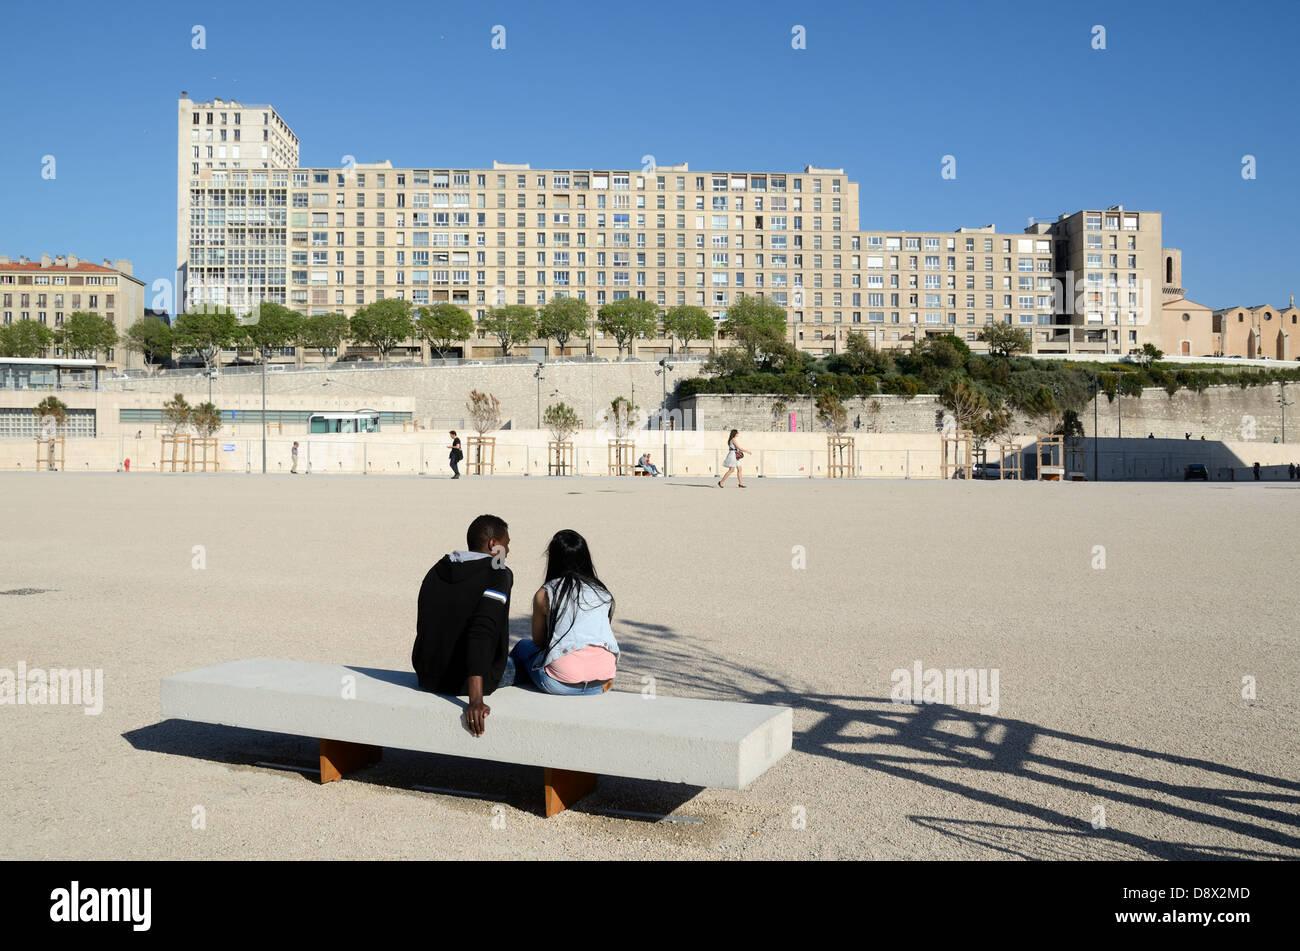 Housing Estate La Tourette & Immigrant Couple Marseille France - Stock Image